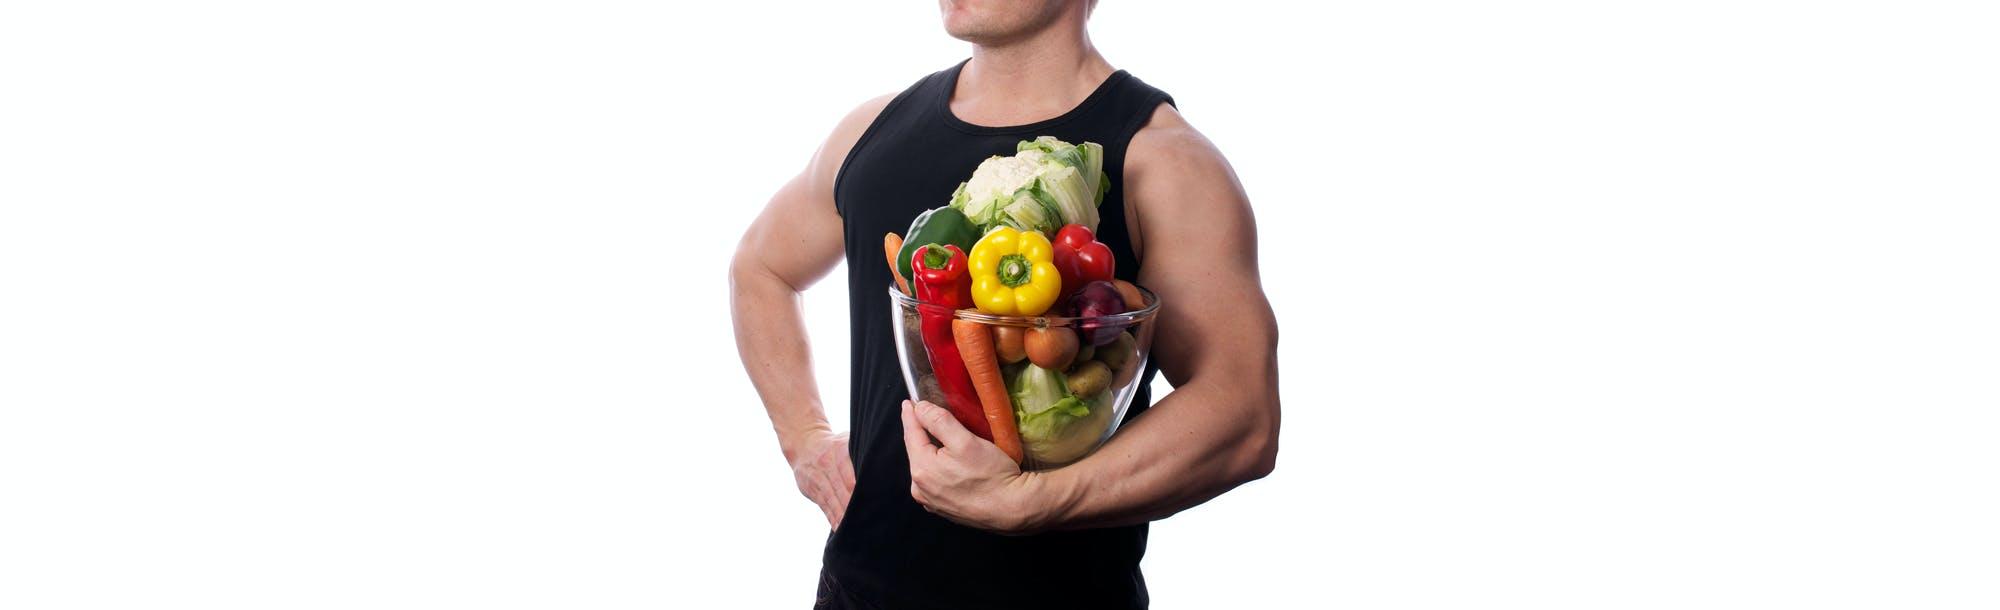 treningsprogram for å gå ned i vekt raskt Hva er grønt